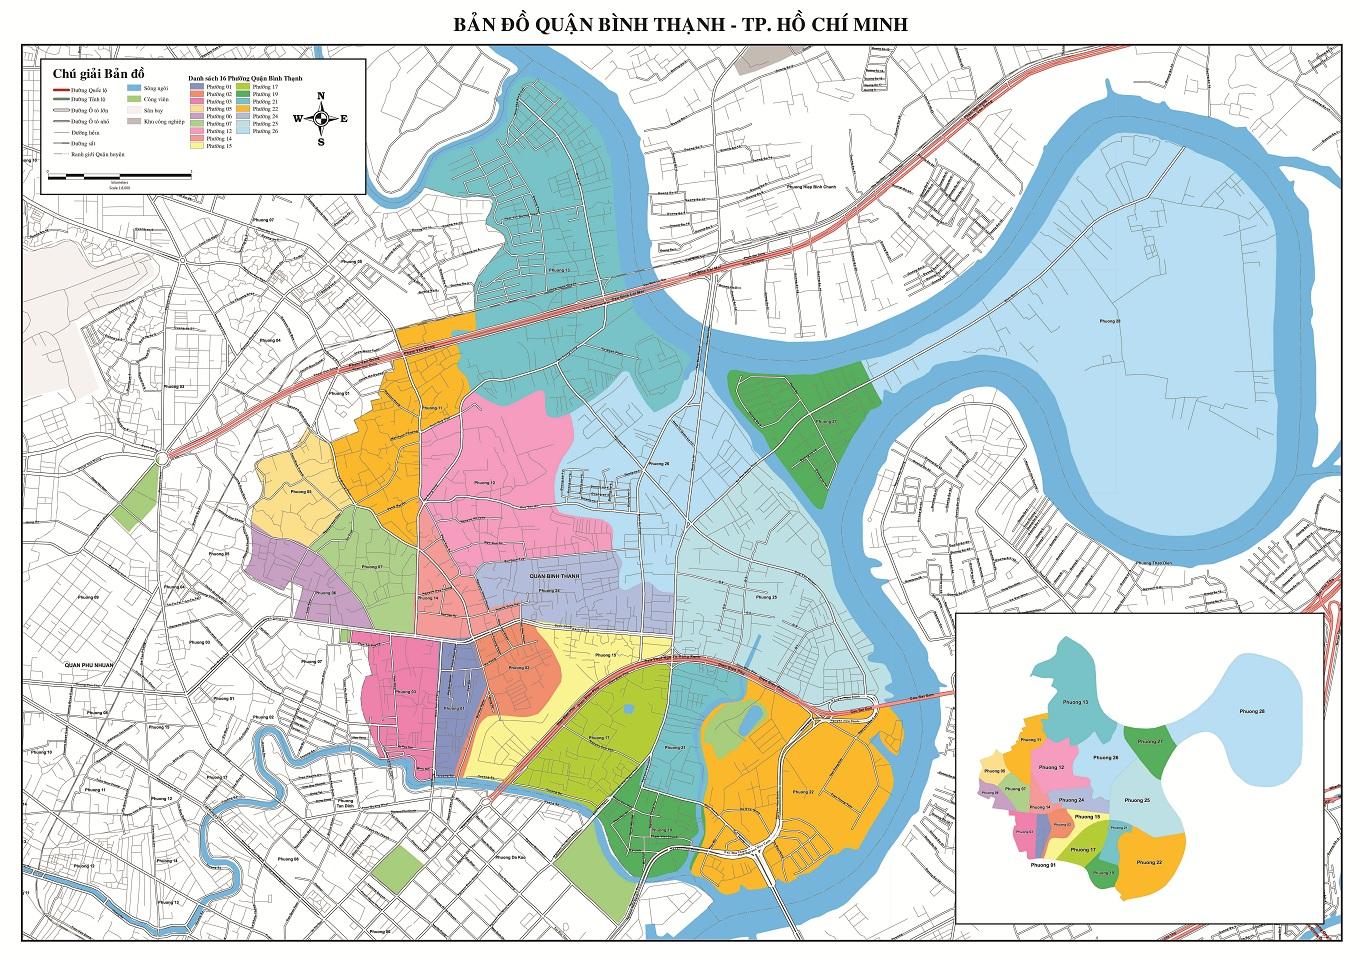 Bản Đồ Quận Bình Thạnh TP Hồ Chí Minh